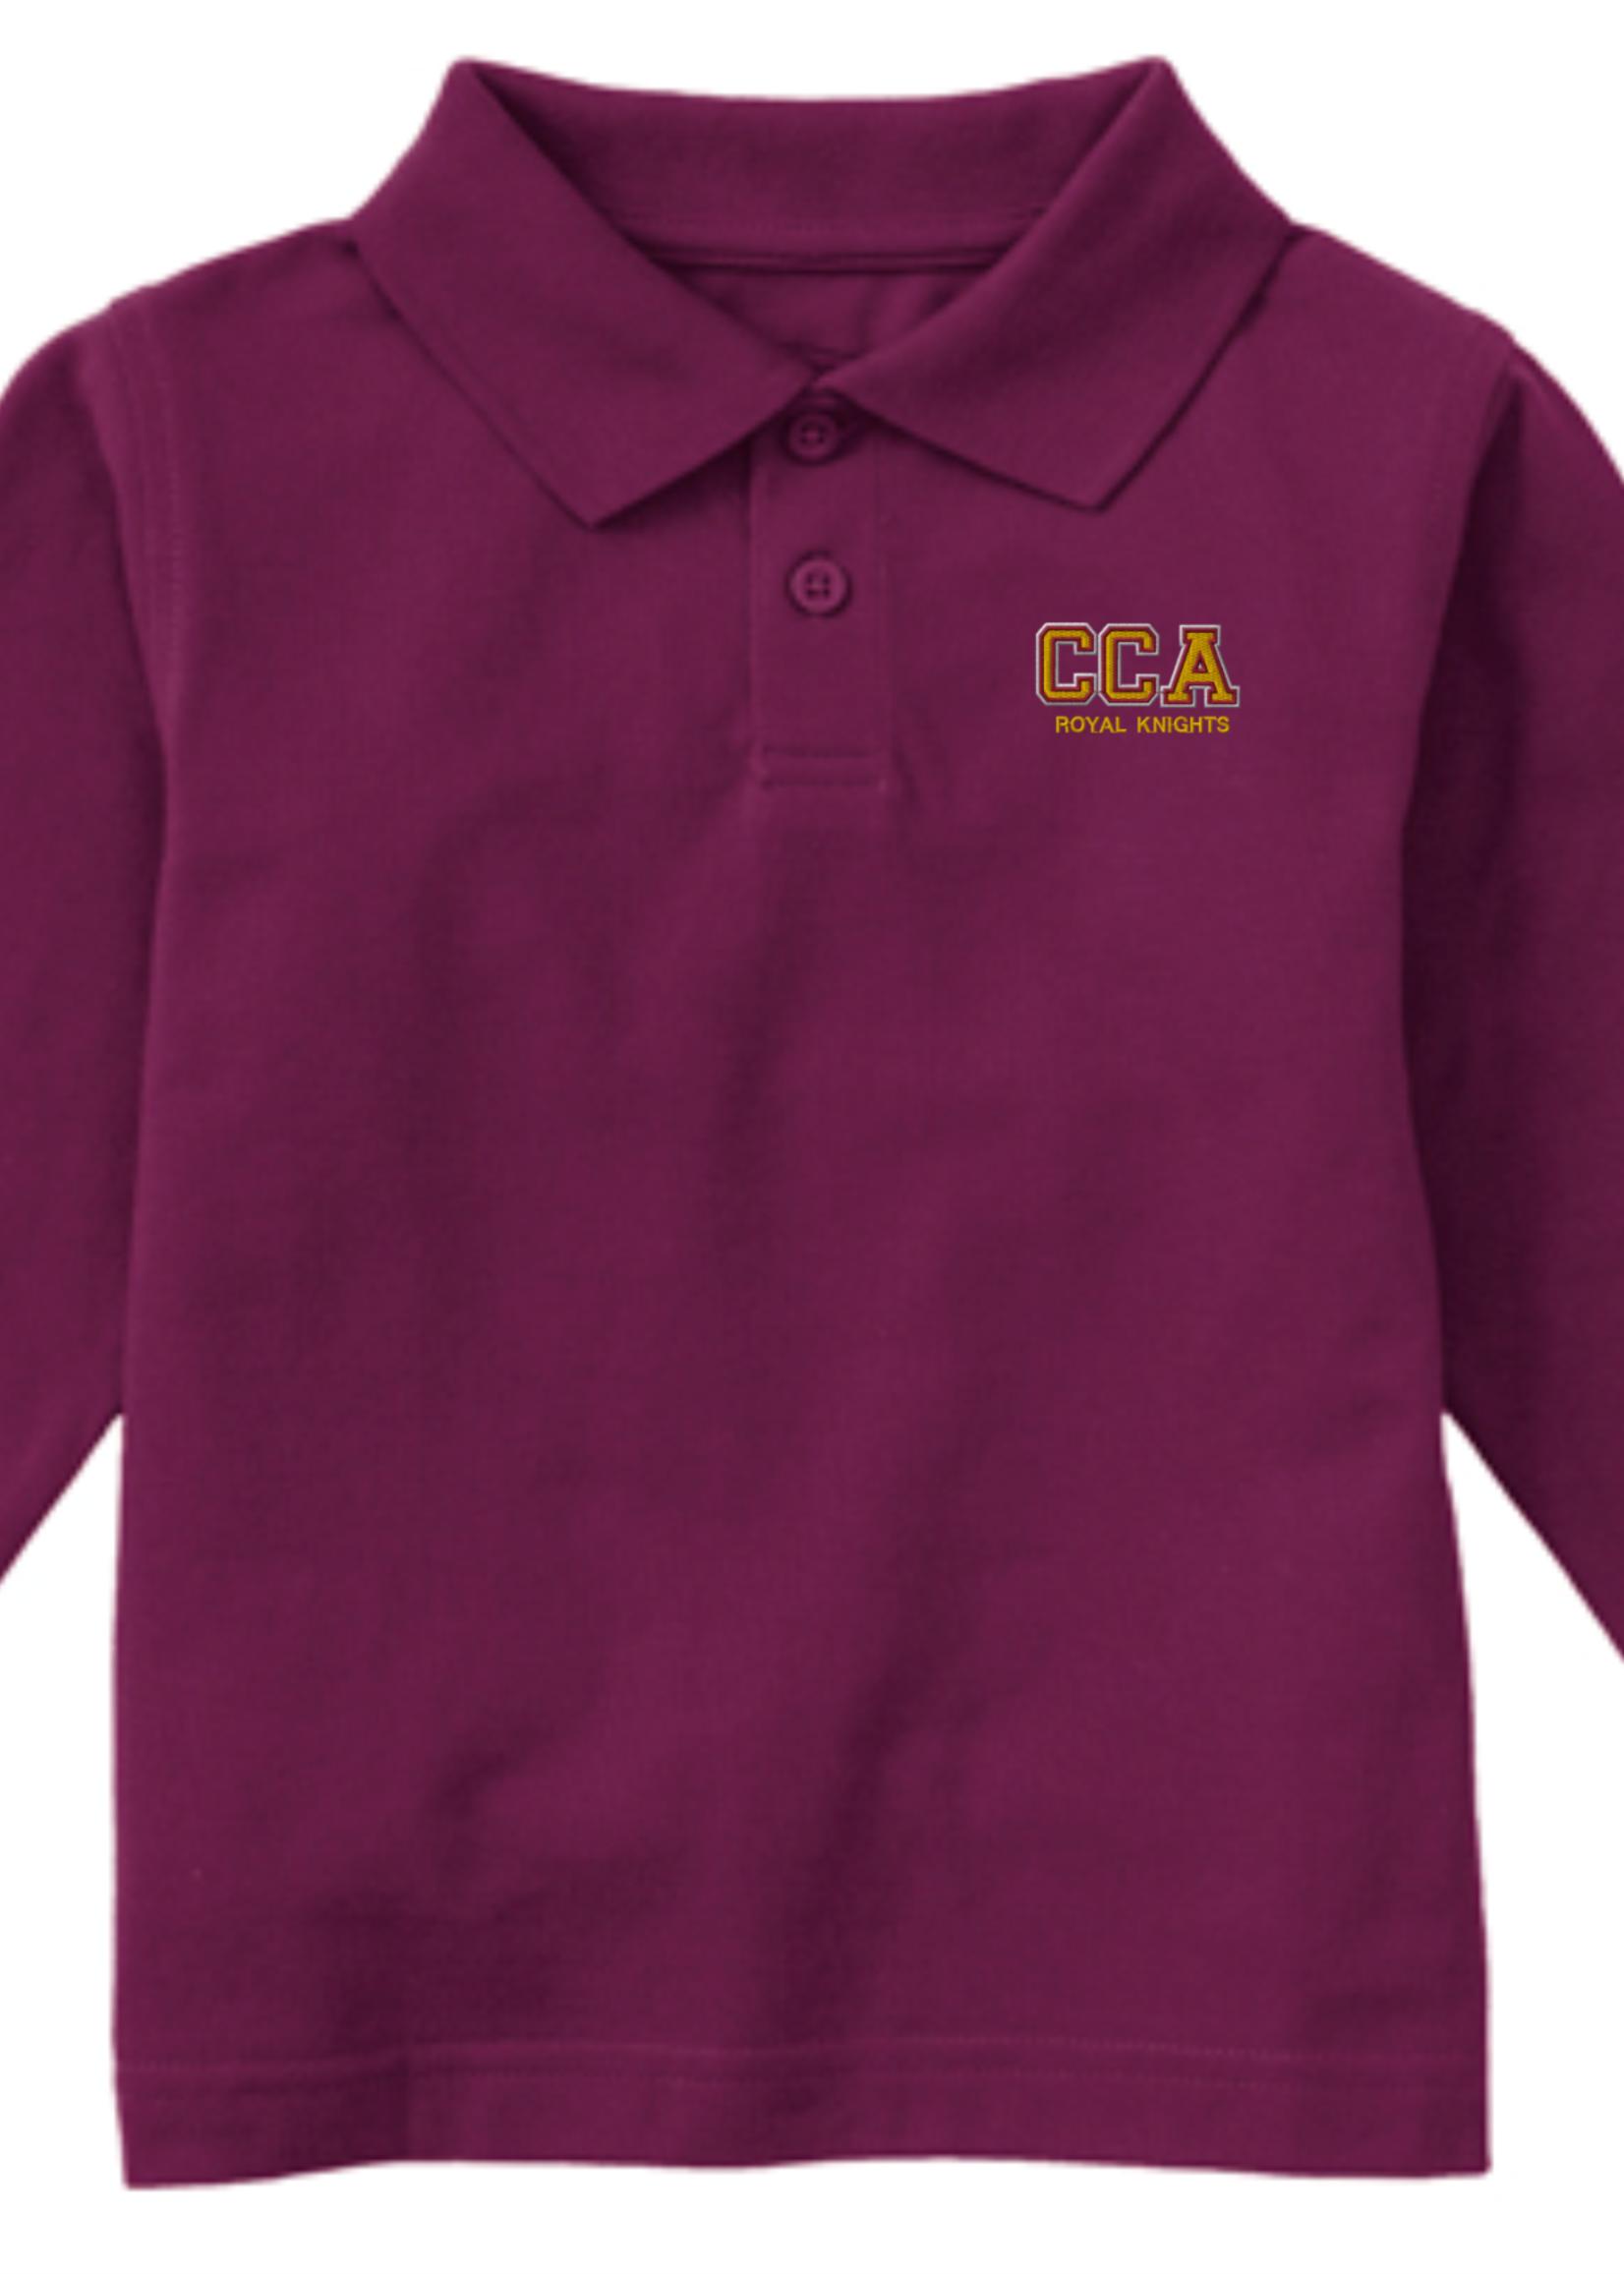 TUS CCA Value Long Sleeve Pique Polo